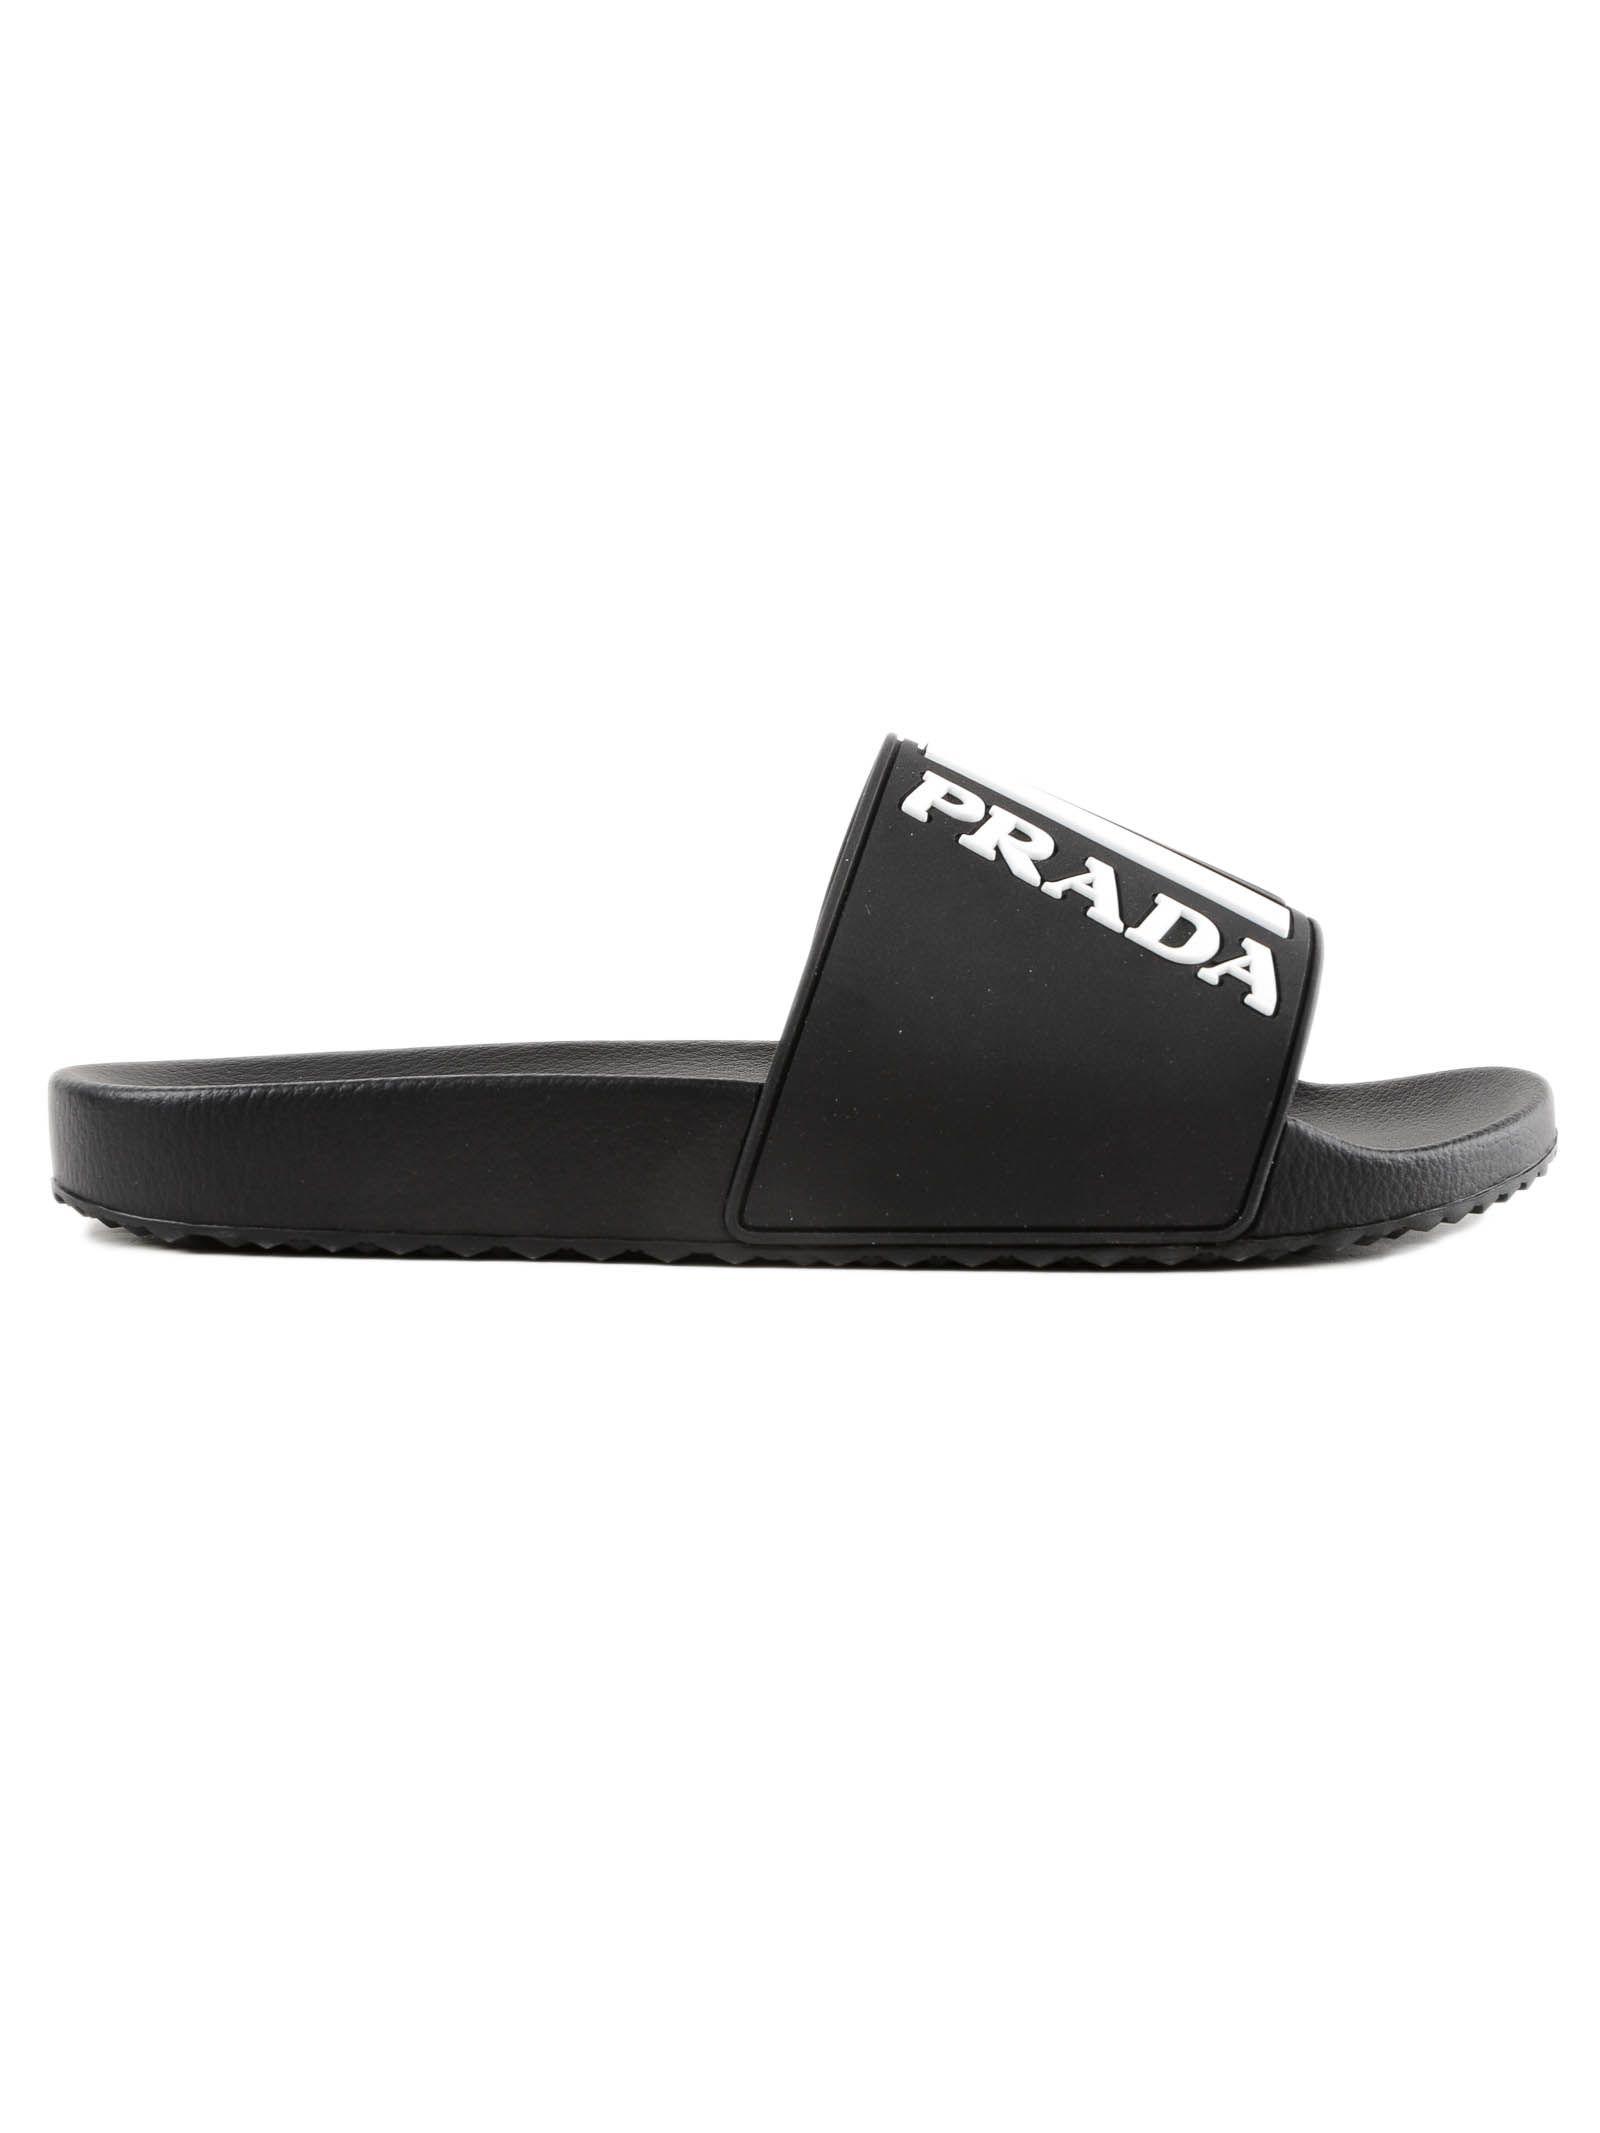 d7713412c46d Prada Men s Logo Rubber Slide Sandal